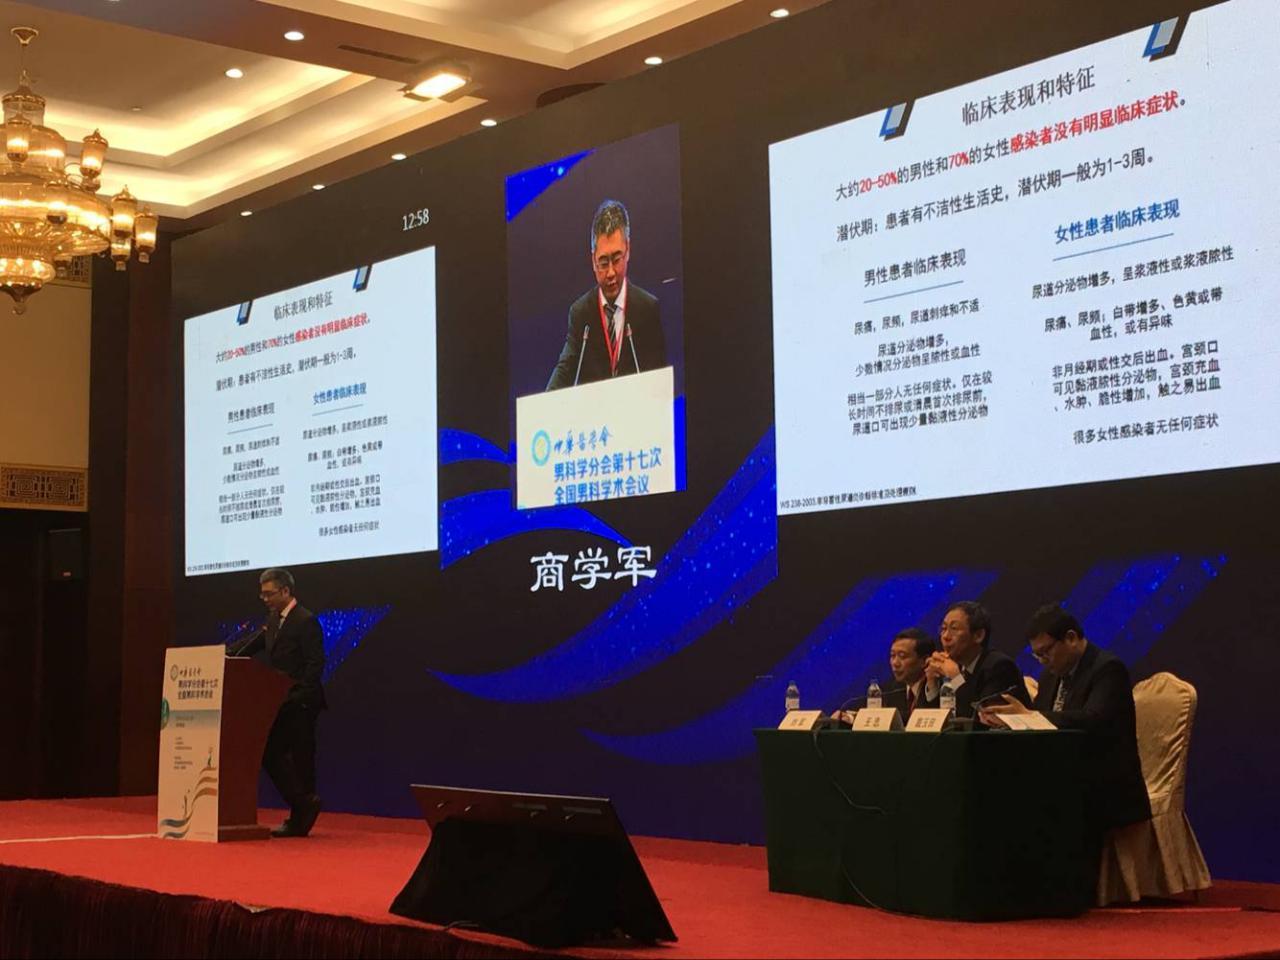 畅谈中国男科学发展  济南九龙与国内外学术精英齐聚第十七次全国男科学术大会